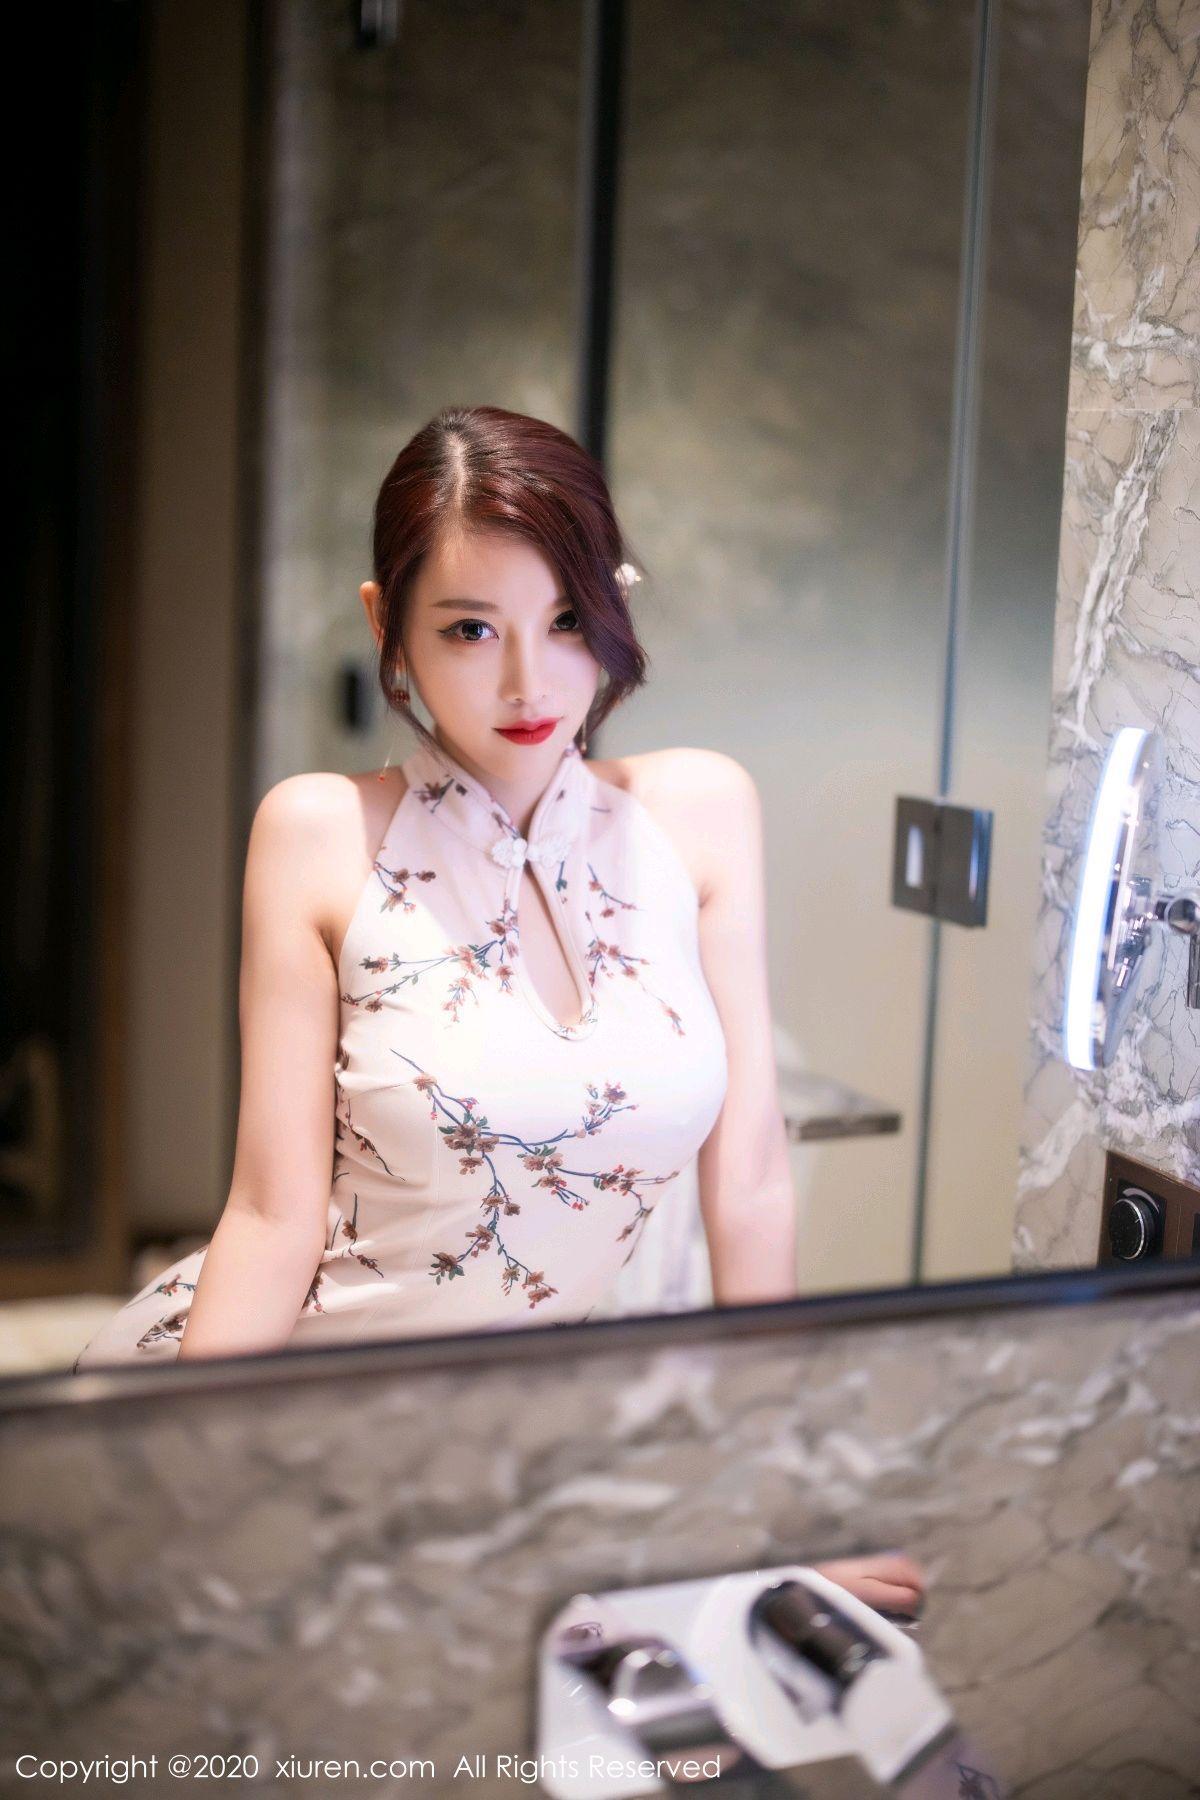 [XiuRen] Vol.2487 Yang Chen Chen 75P, Cheongsam, Tall, Xiuren, Yang Chen Chen